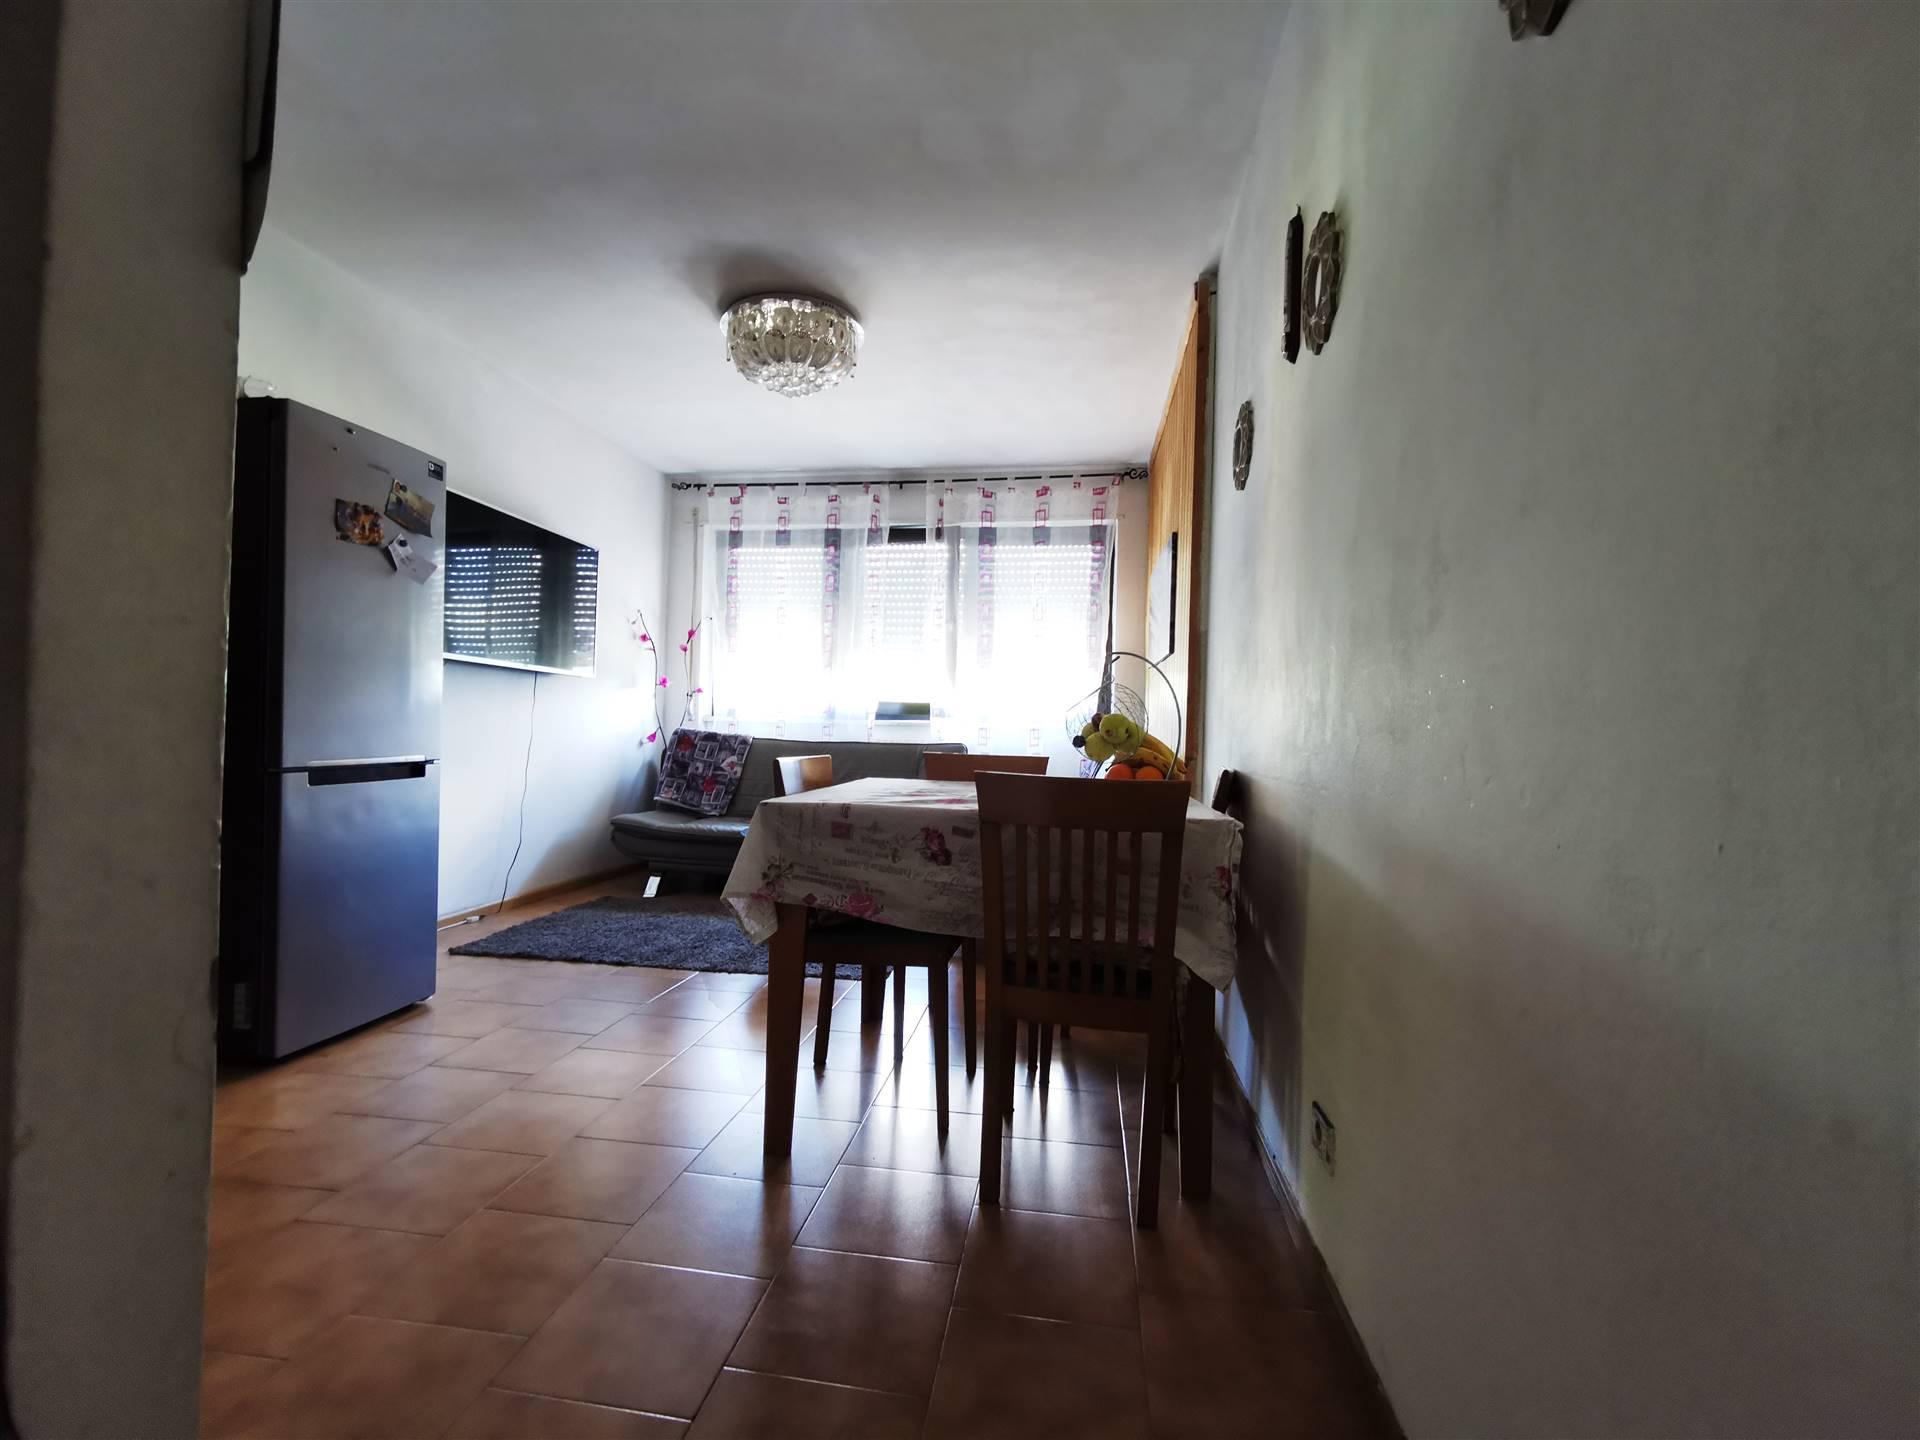 Appartamento in vendita a Pergine Valsugana, 4 locali, prezzo € 88.000 | CambioCasa.it